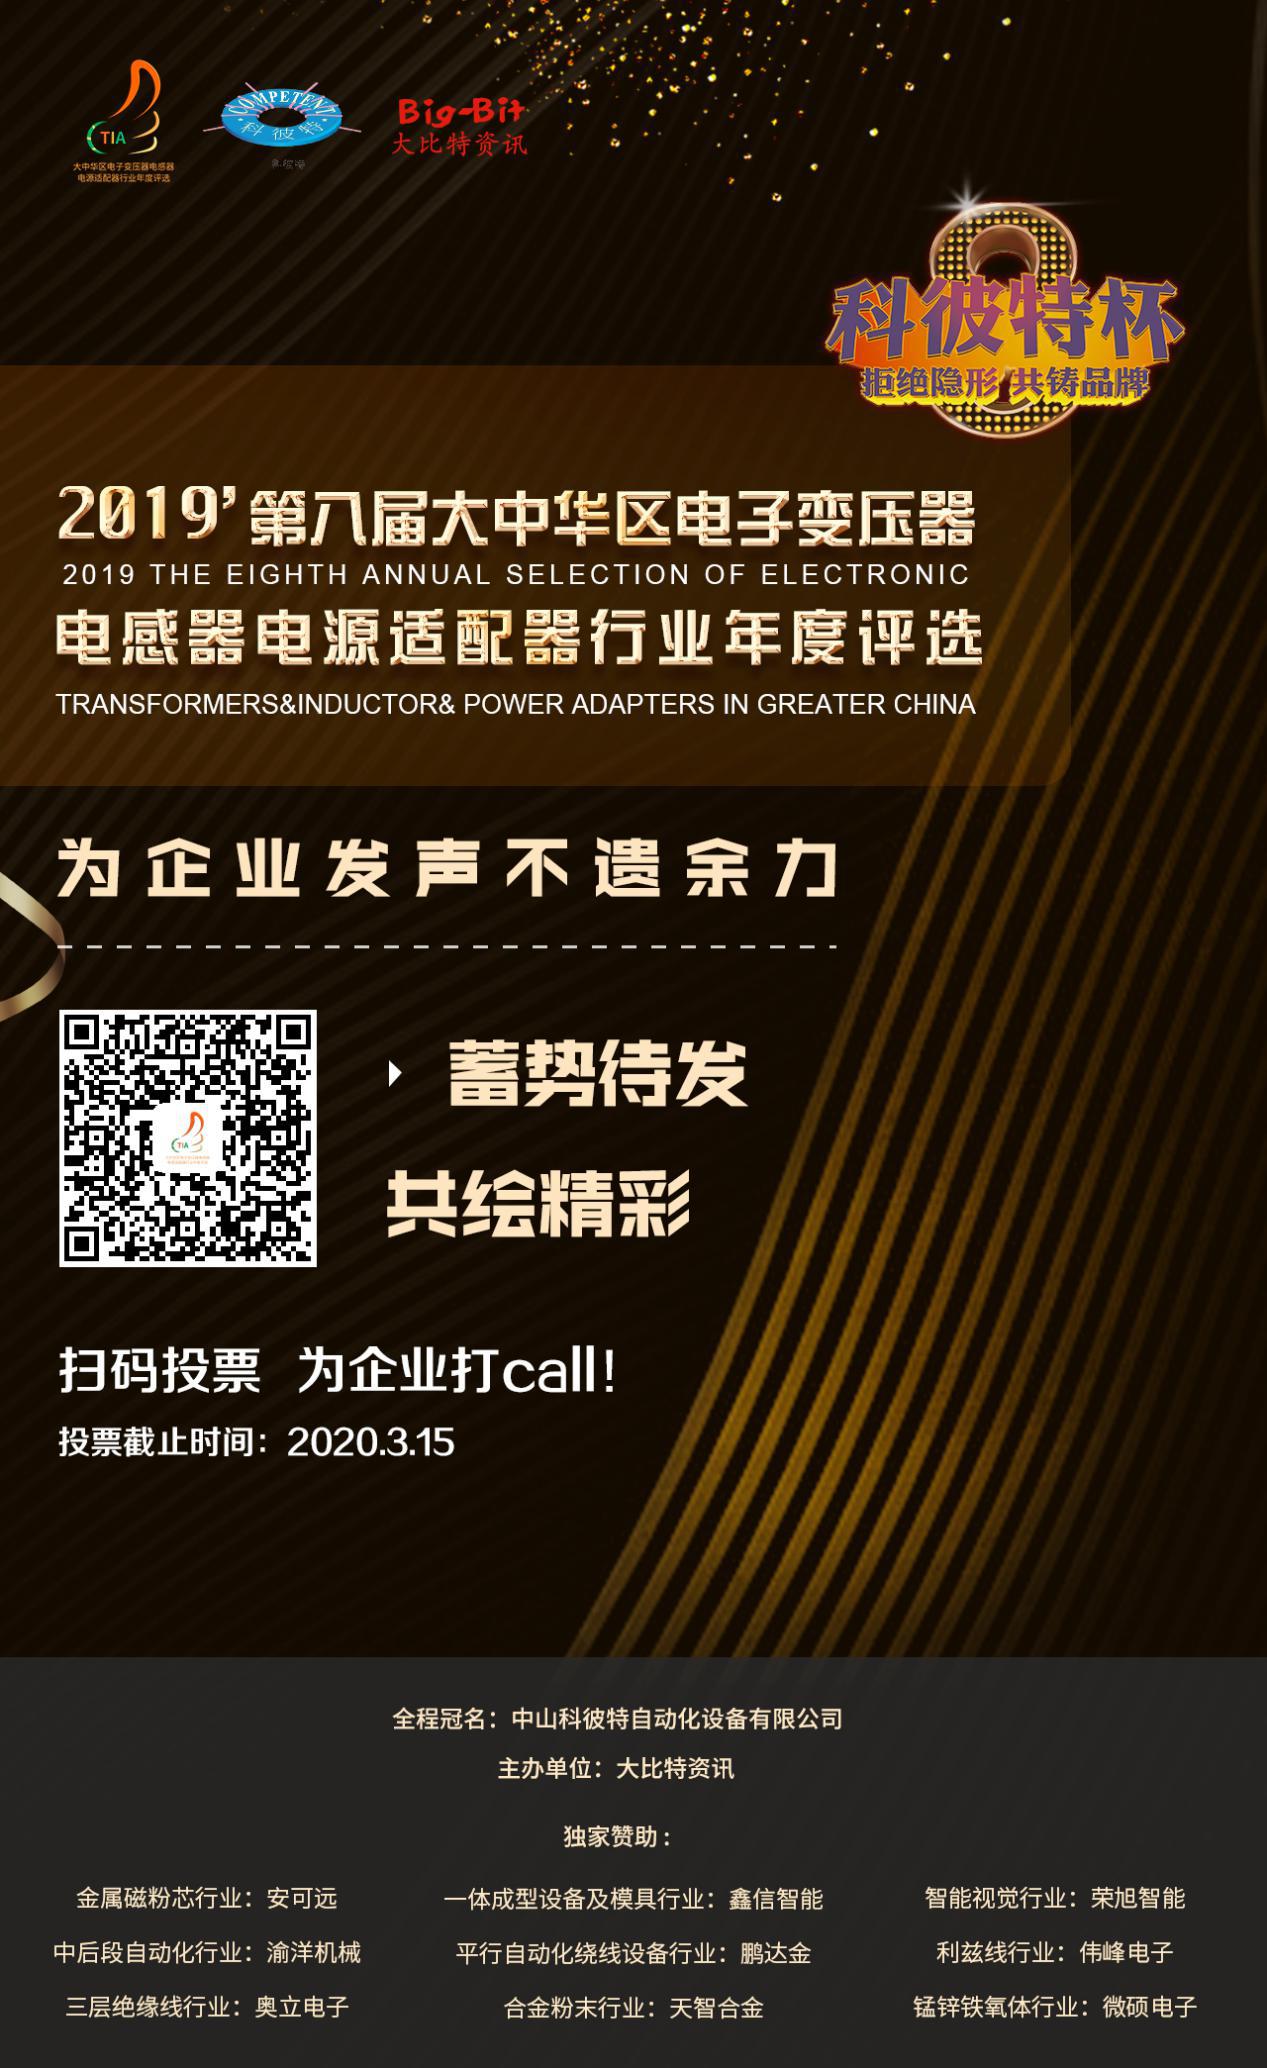 科彼特杯行业评选网上投票通道再次打开(内附投票链接)